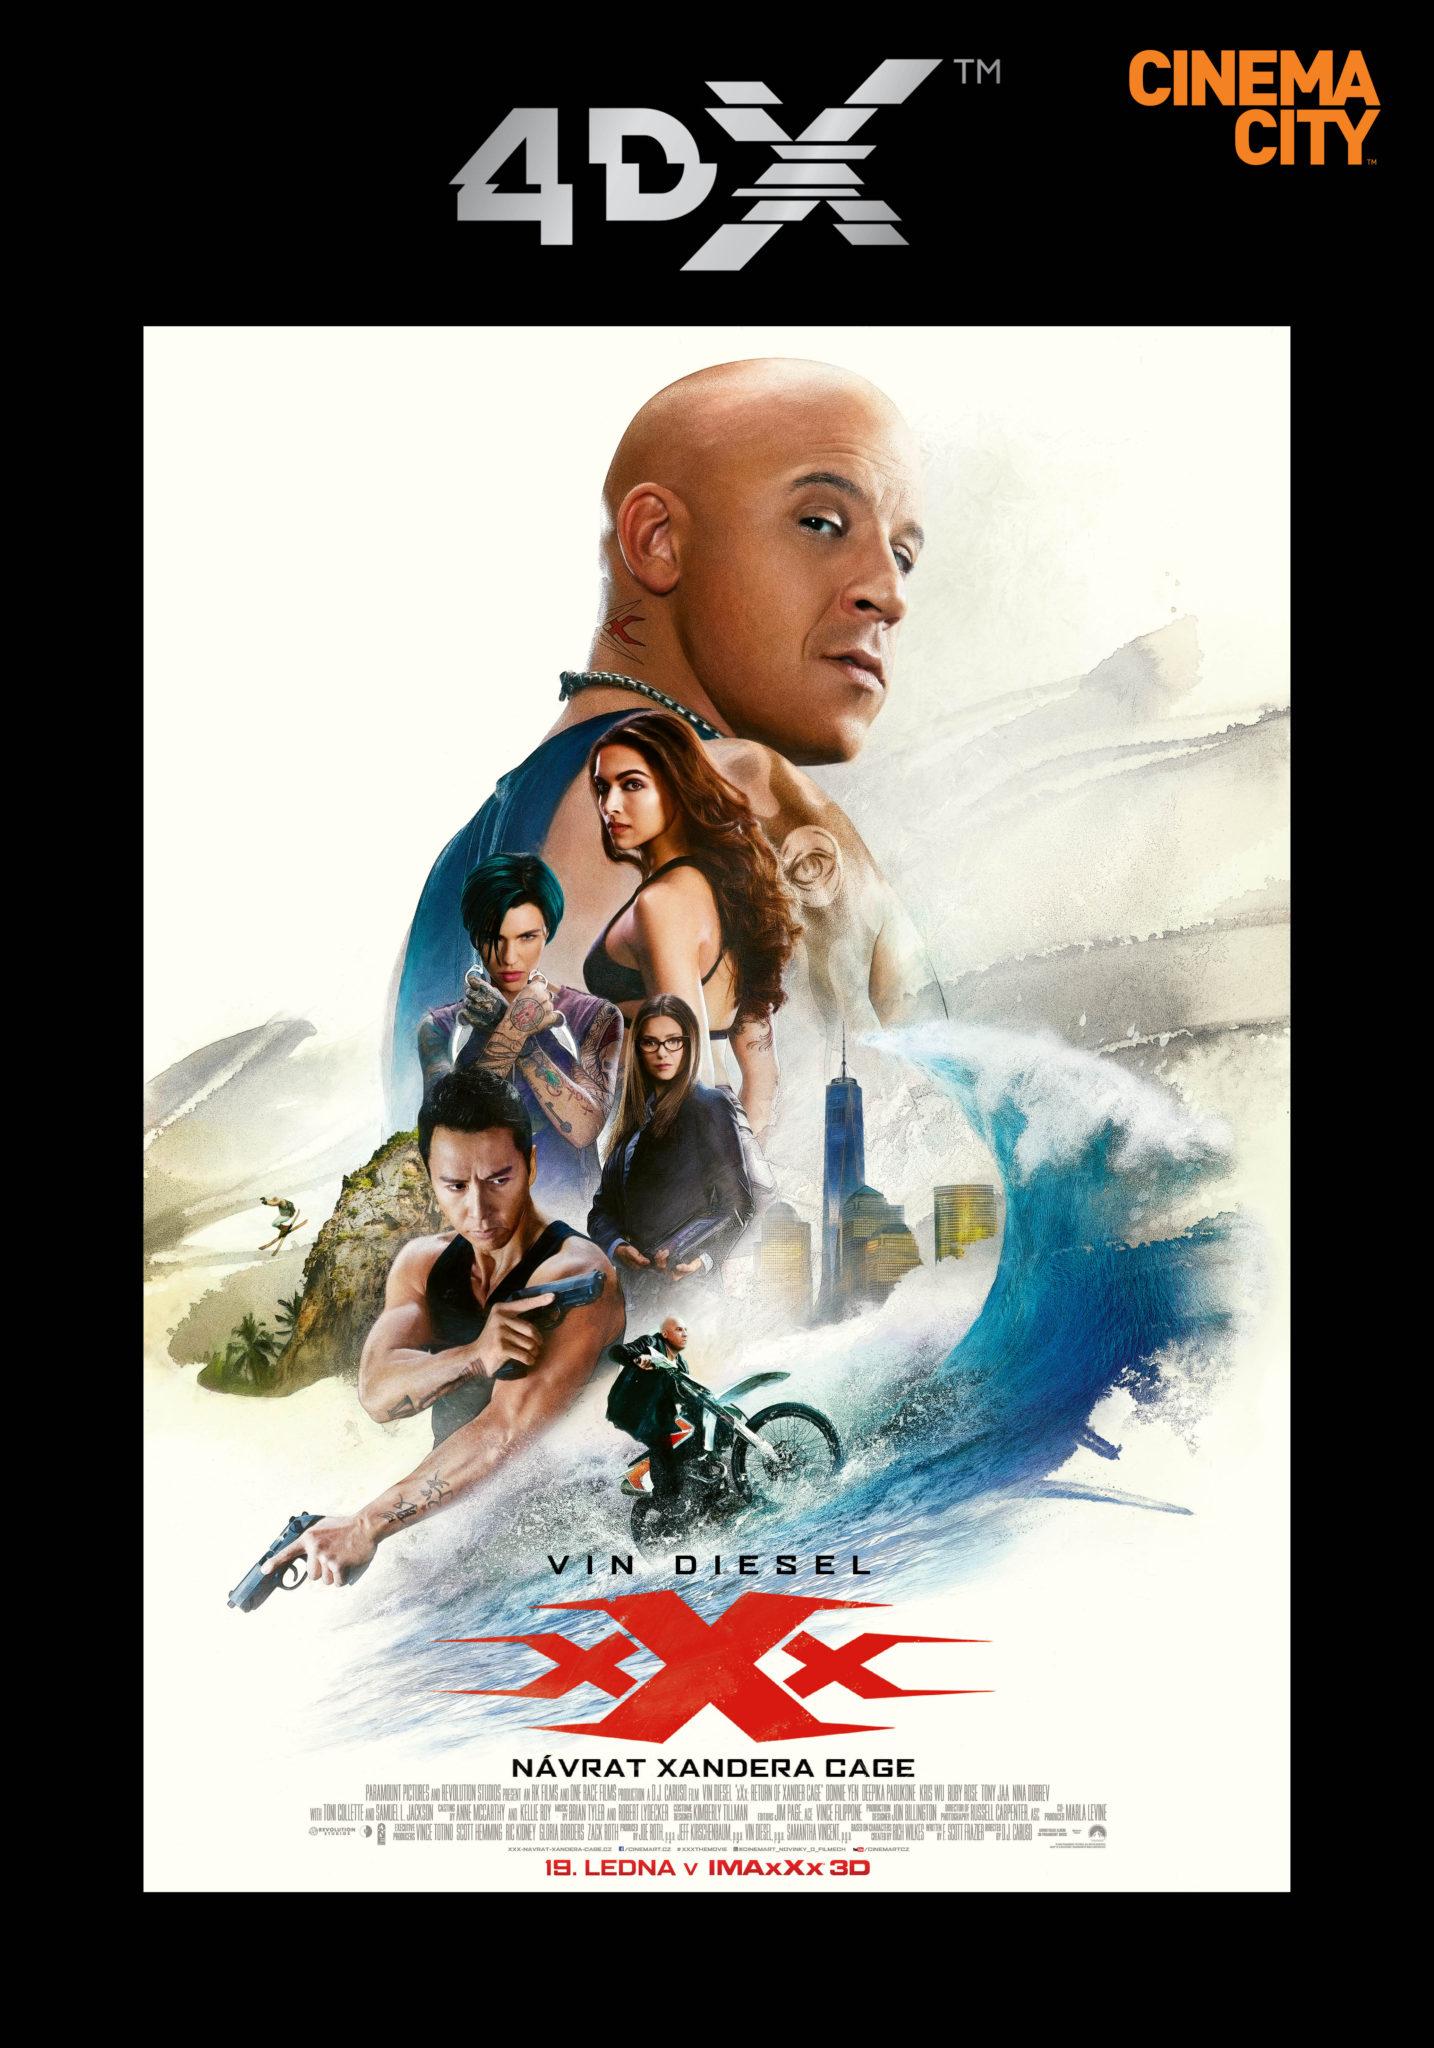 x xx filmy